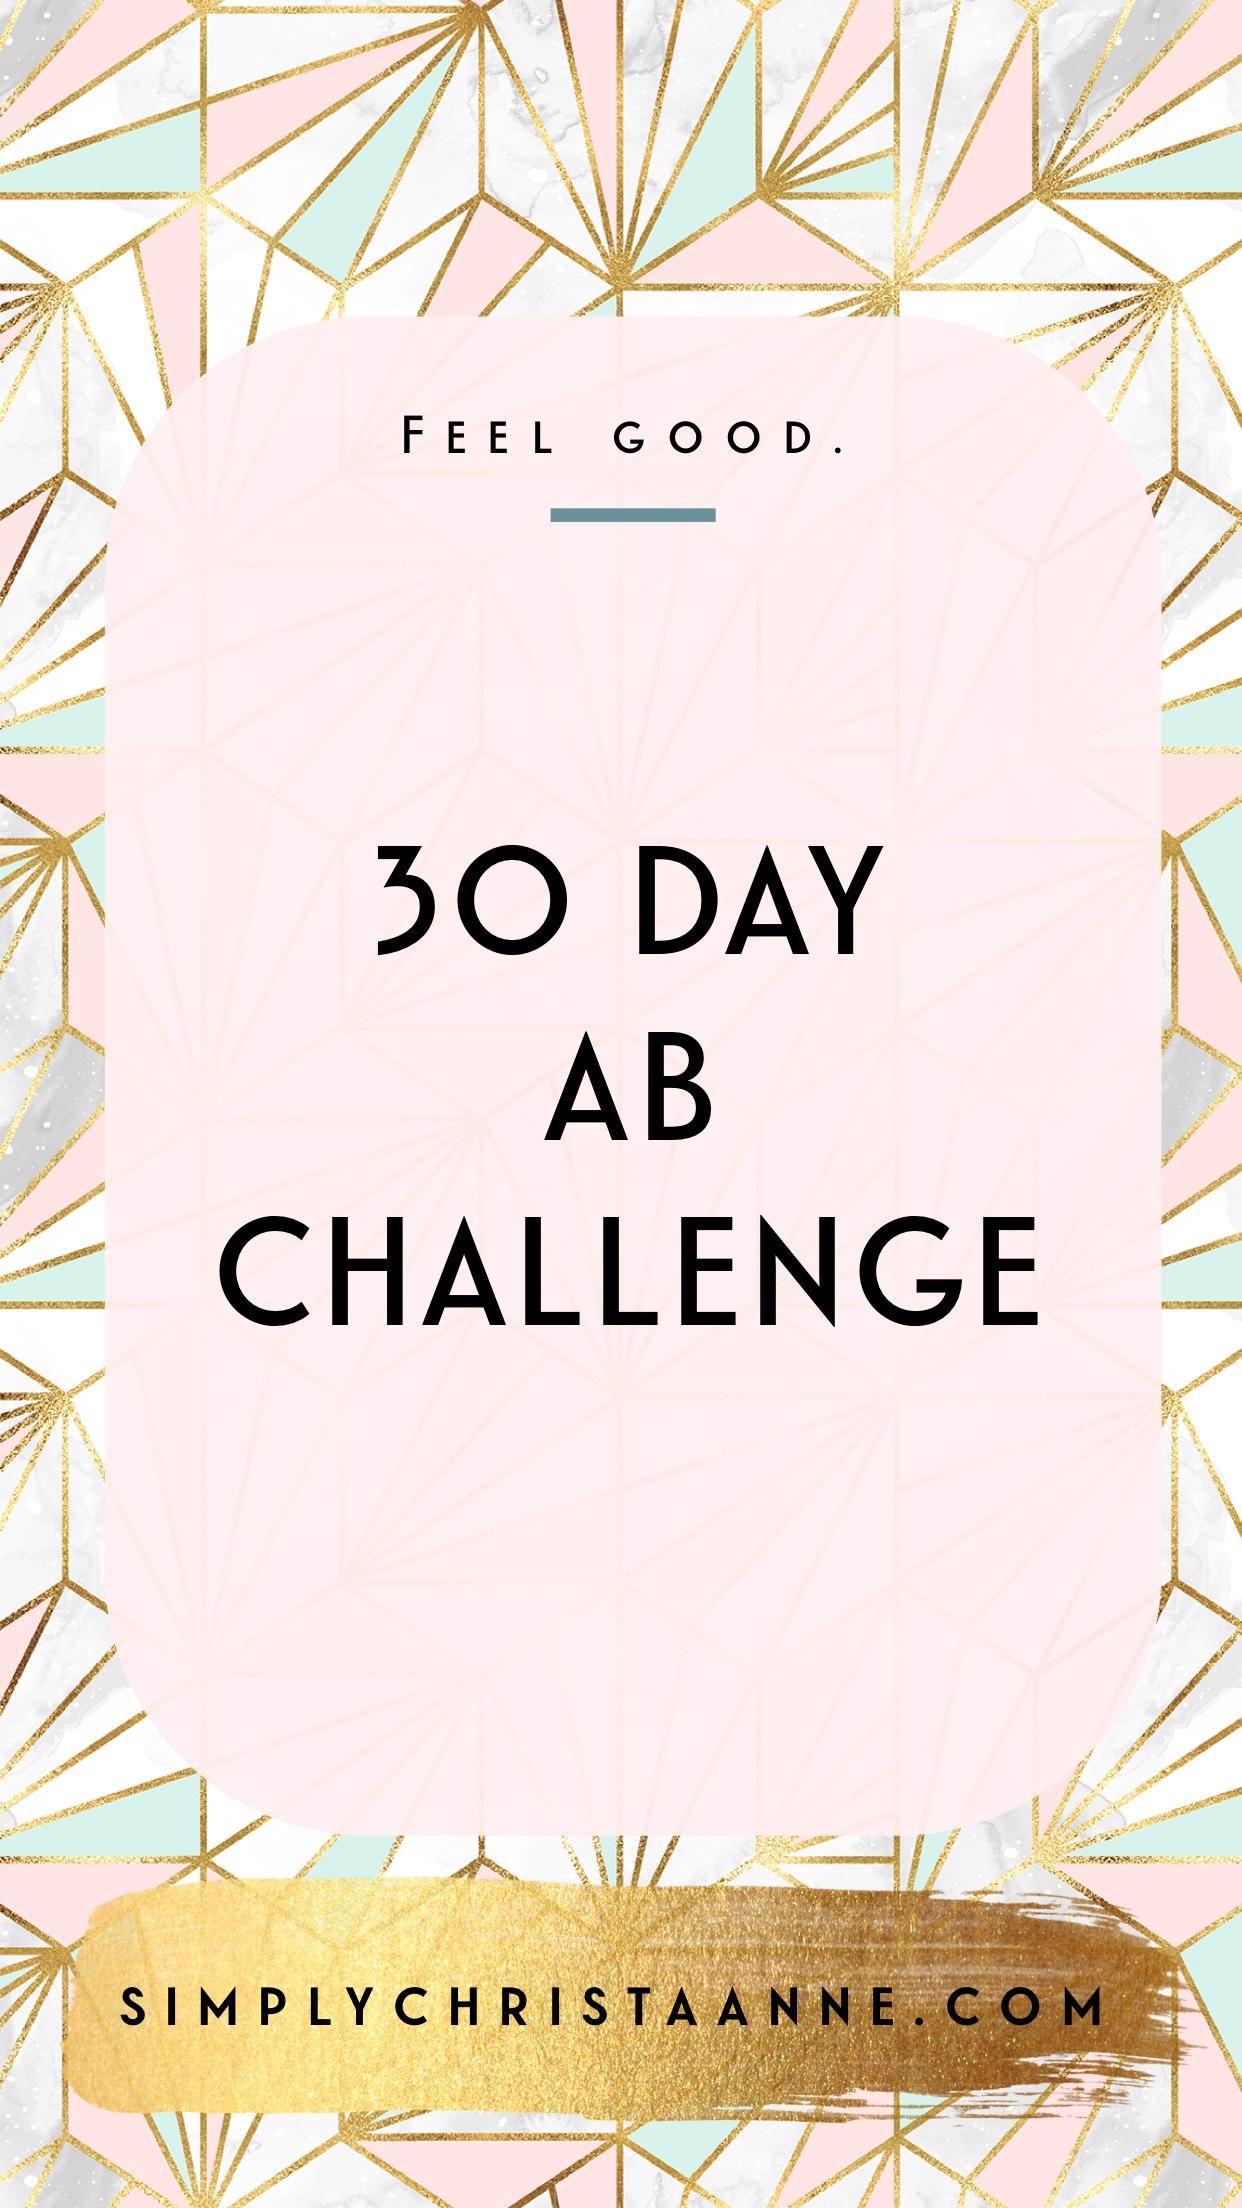 Trainieren Sie Ihre Bauchmuskeln und verbessern Sie Ihr Engagement mit dieser 30-Tage-Herausforderun...